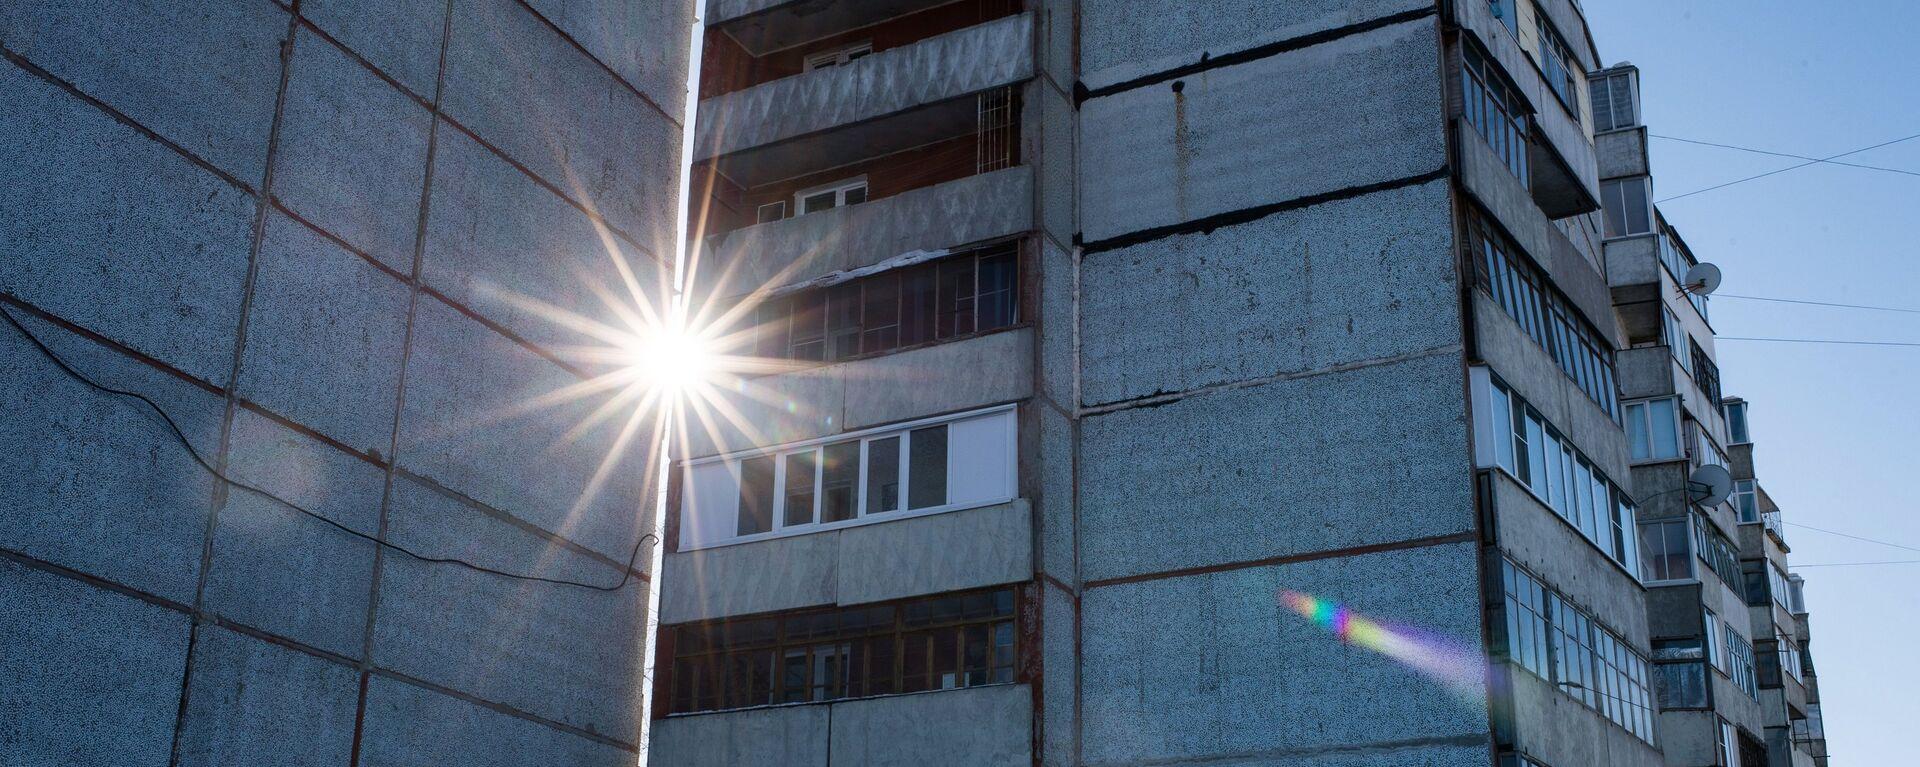 Многоэтажные жилые дома - Sputnik Латвия, 1920, 12.06.2021